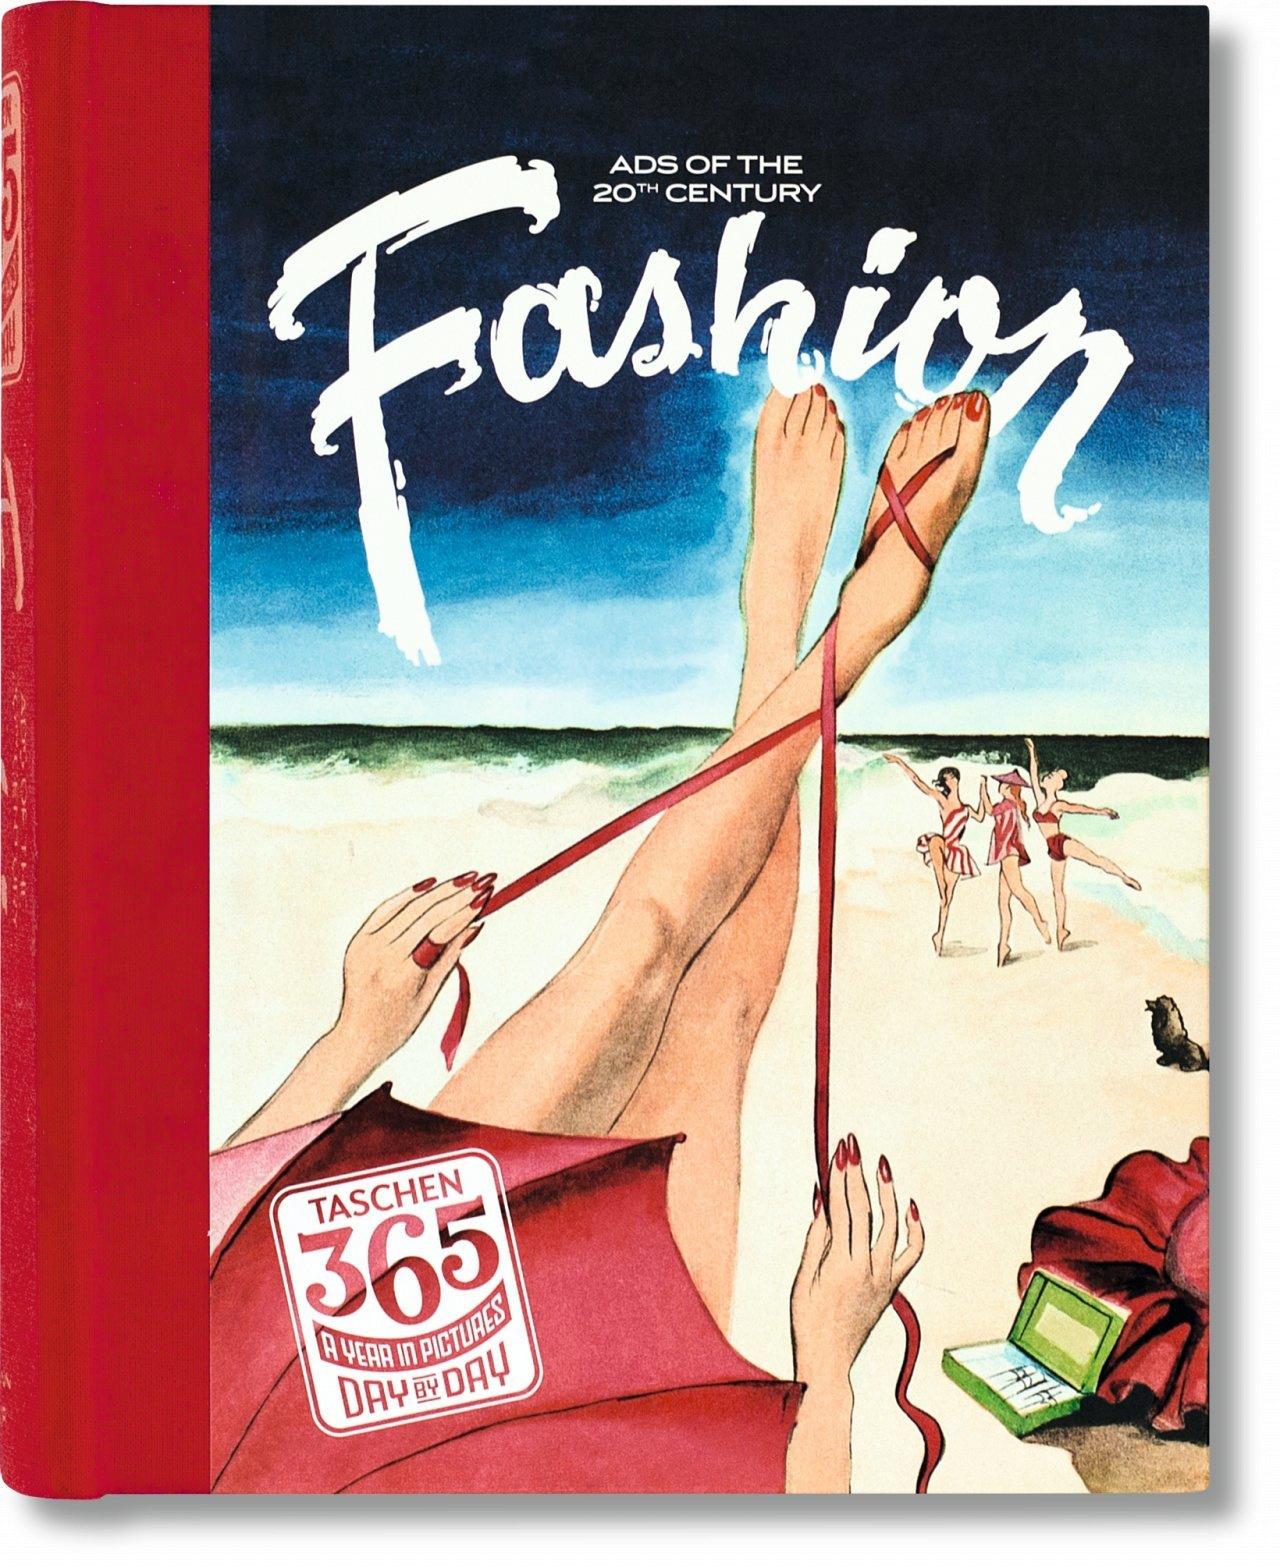 TASCHEN 365 Day-by-Day. Fashion Ads of the 20th Century, Heimann